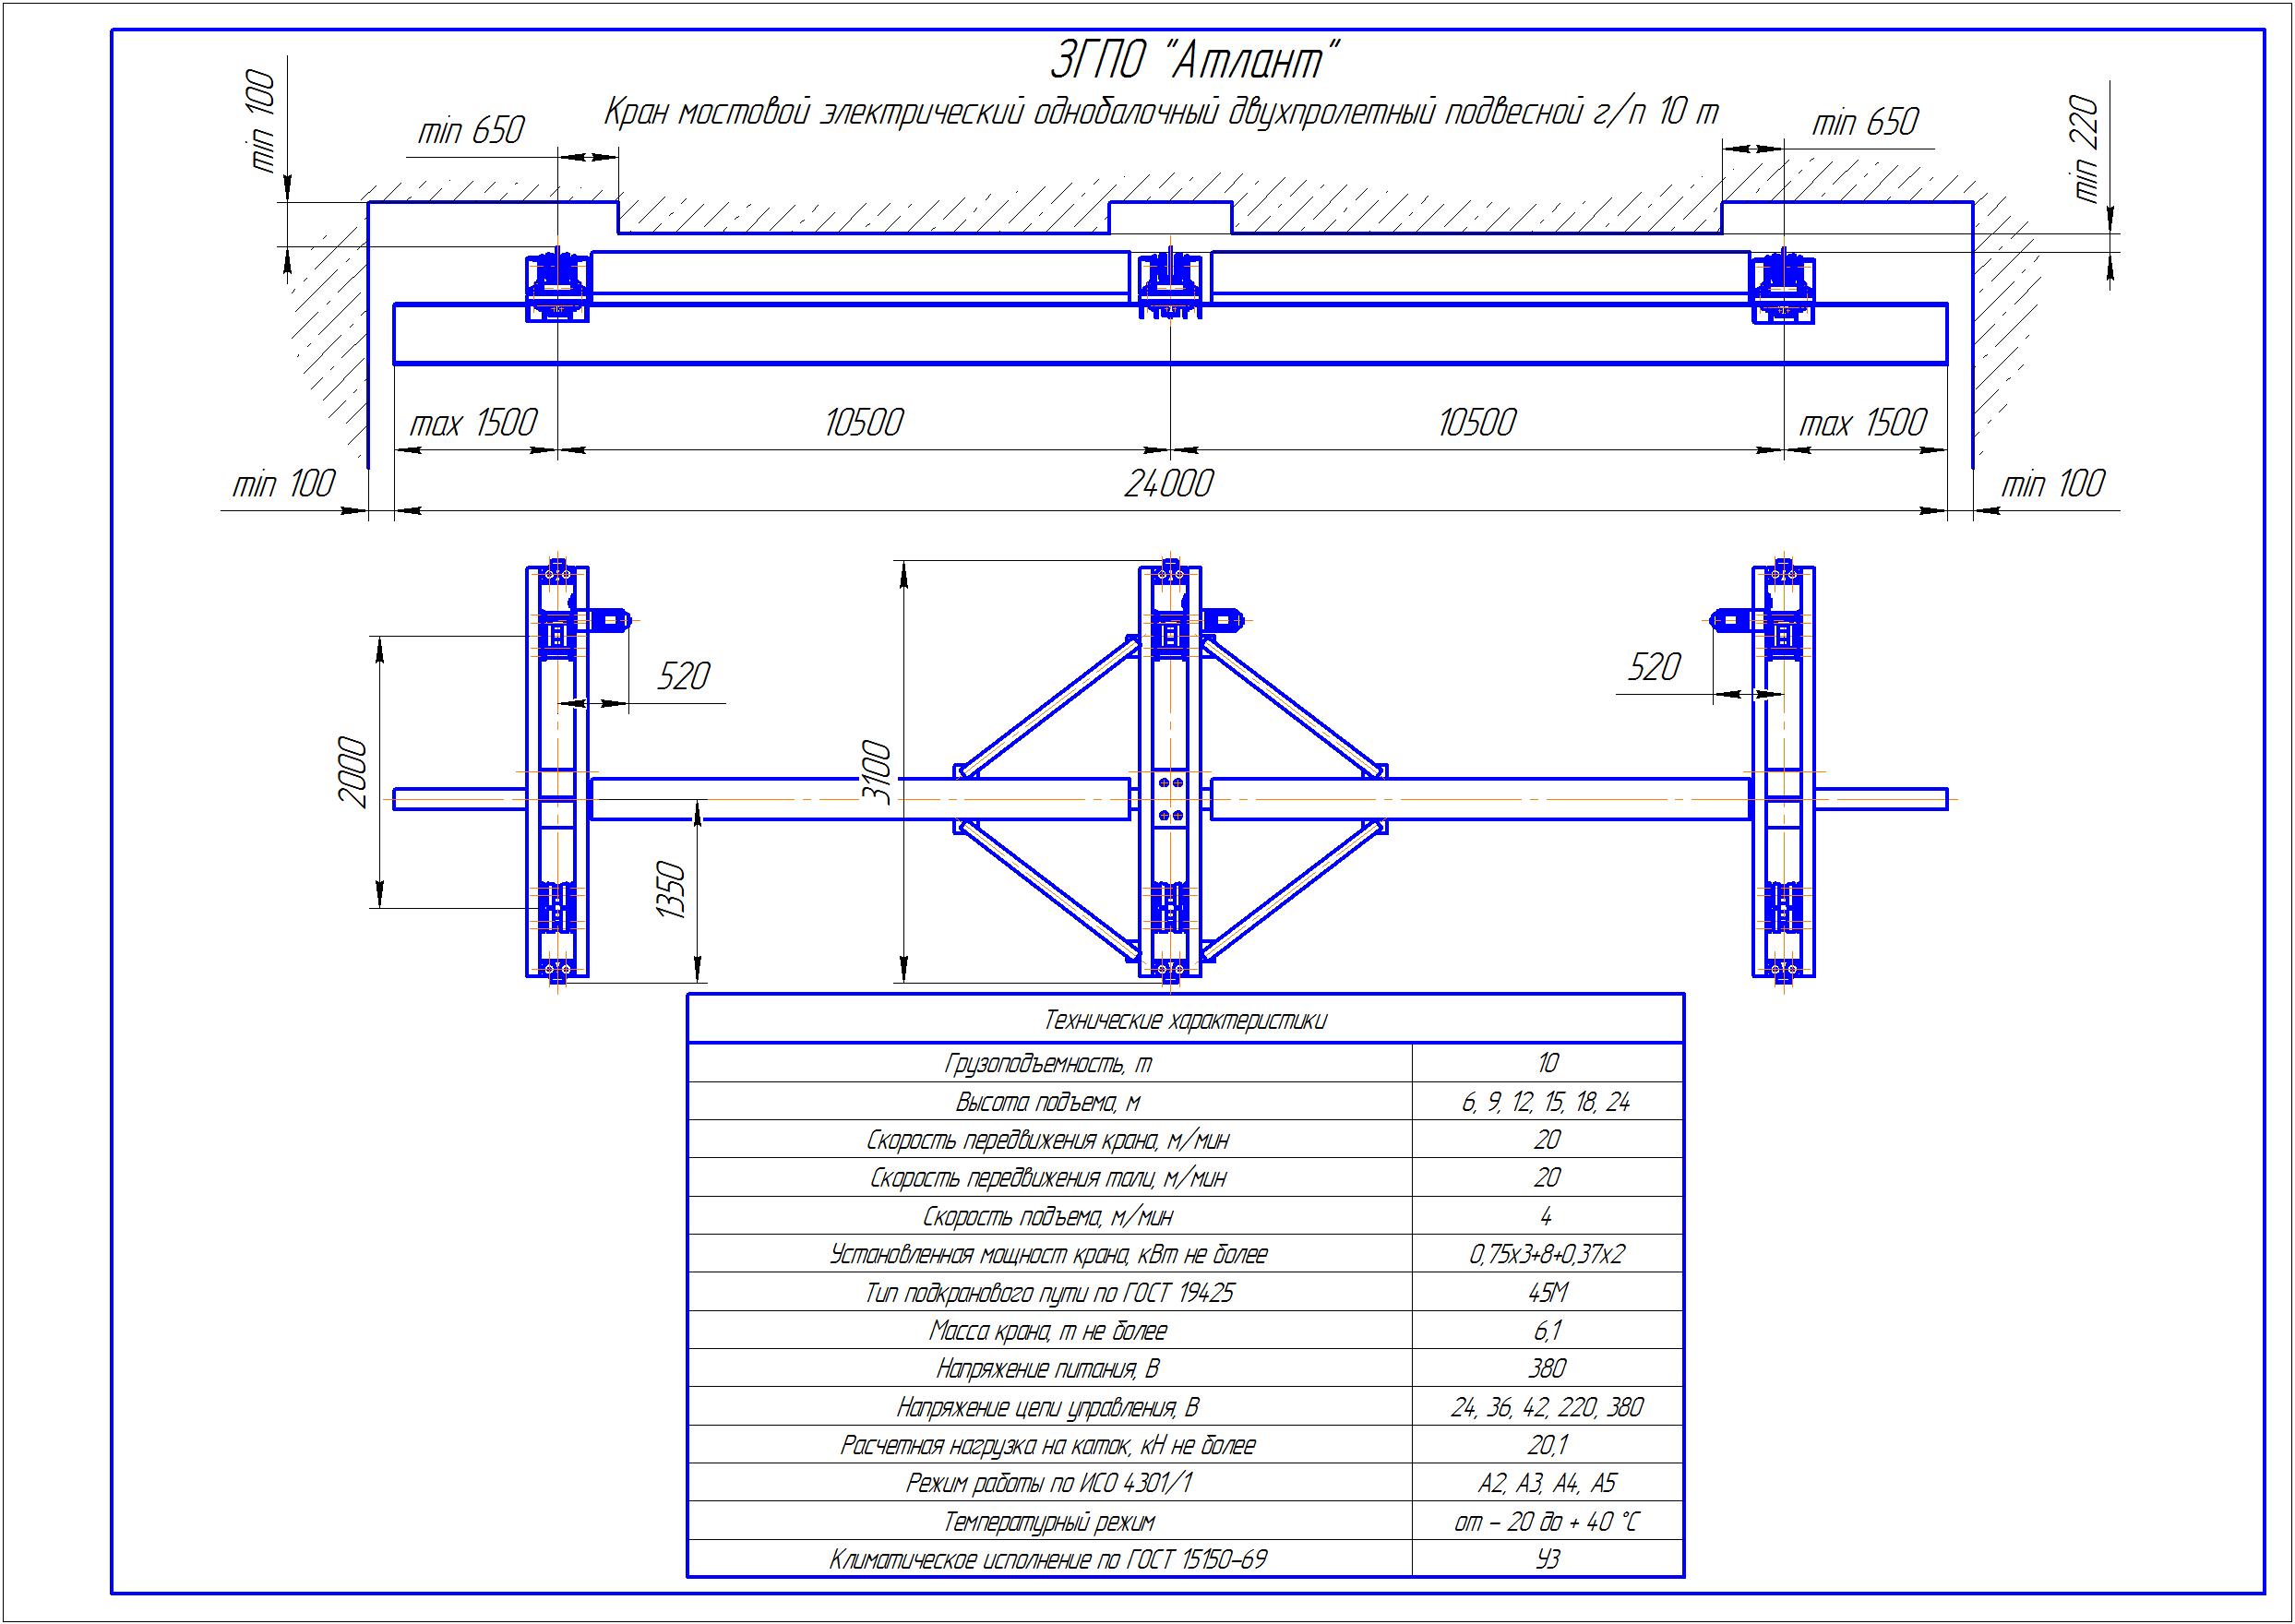 KBPD 7 3 - Подвесная кран балка двухпролетная